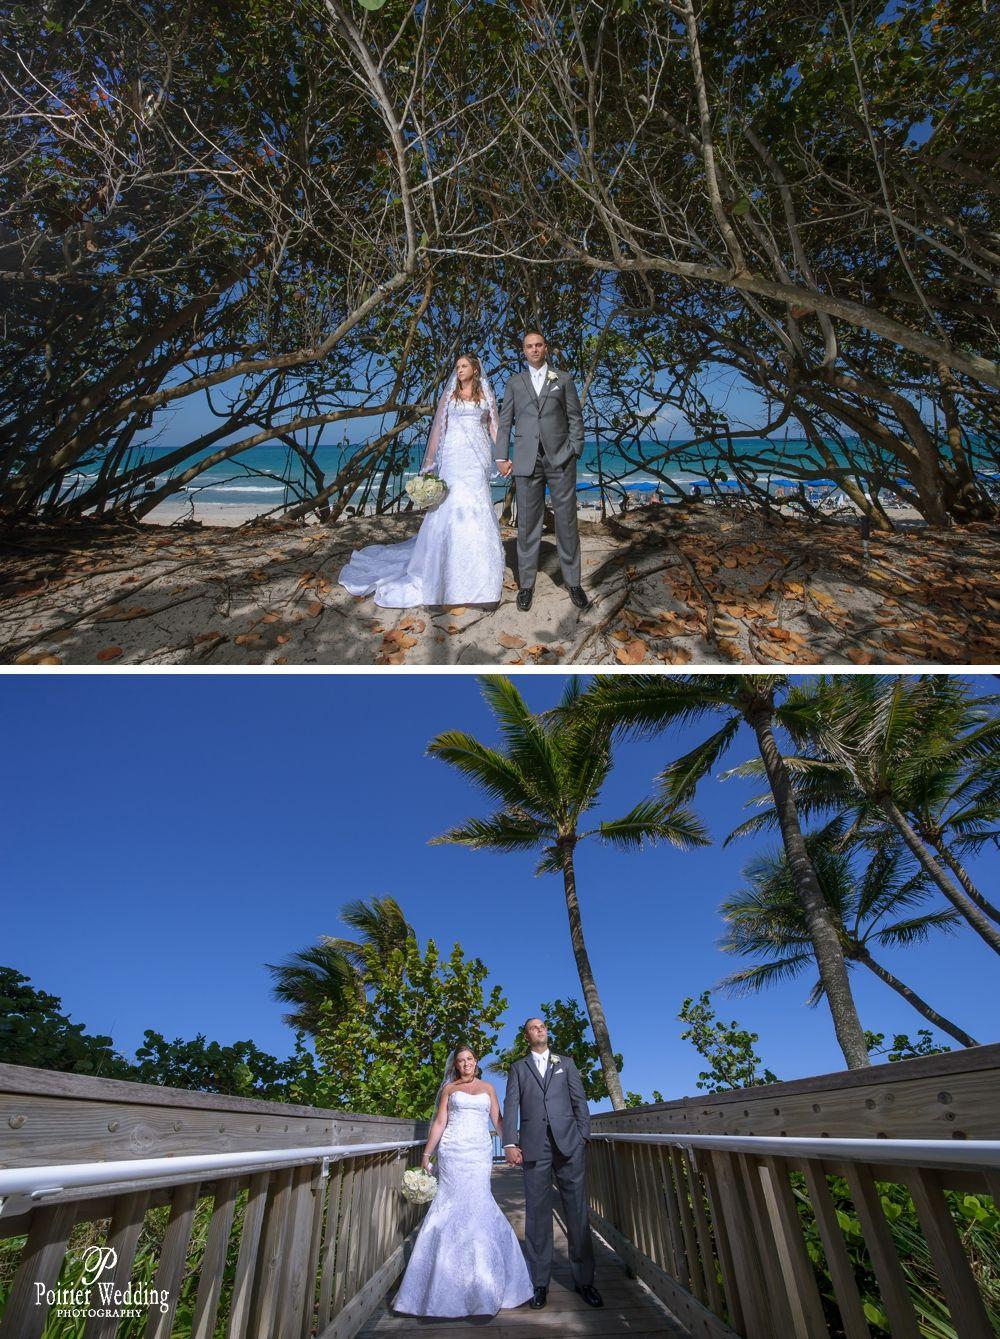 Lauren Kevin S Jupiter Beach Resort Wedding Palm Beach Wedding Resort Wedding Jupiter Beach Resort